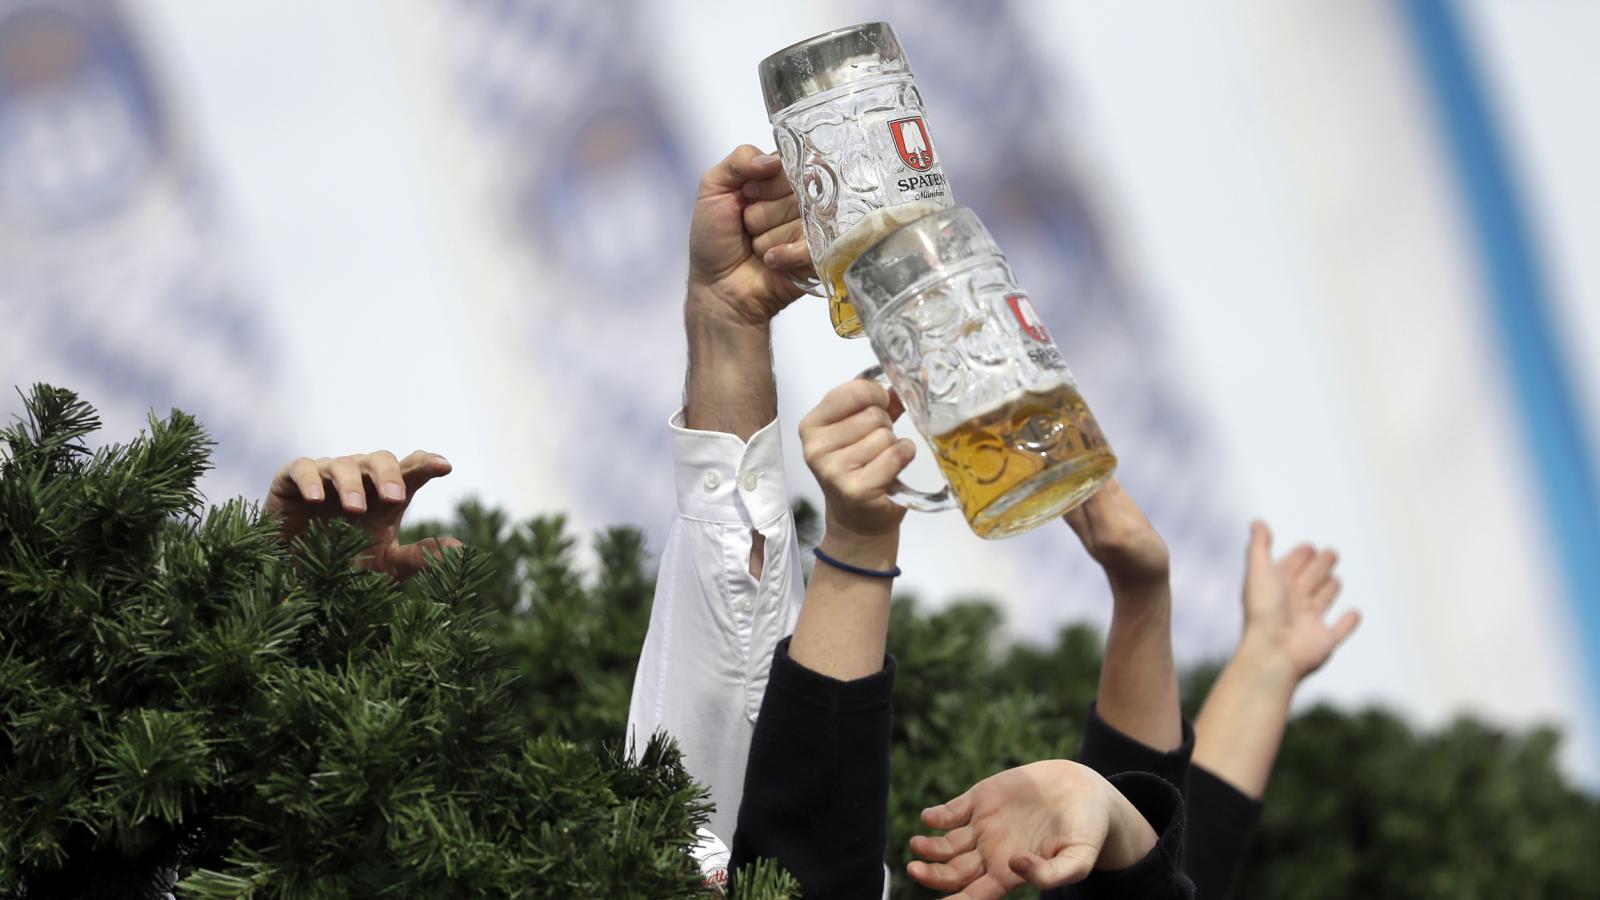 Mnichovský starosta Dieter Reiter slavnostně naráží první sud piva pro 185. ročník Oktoberfestu